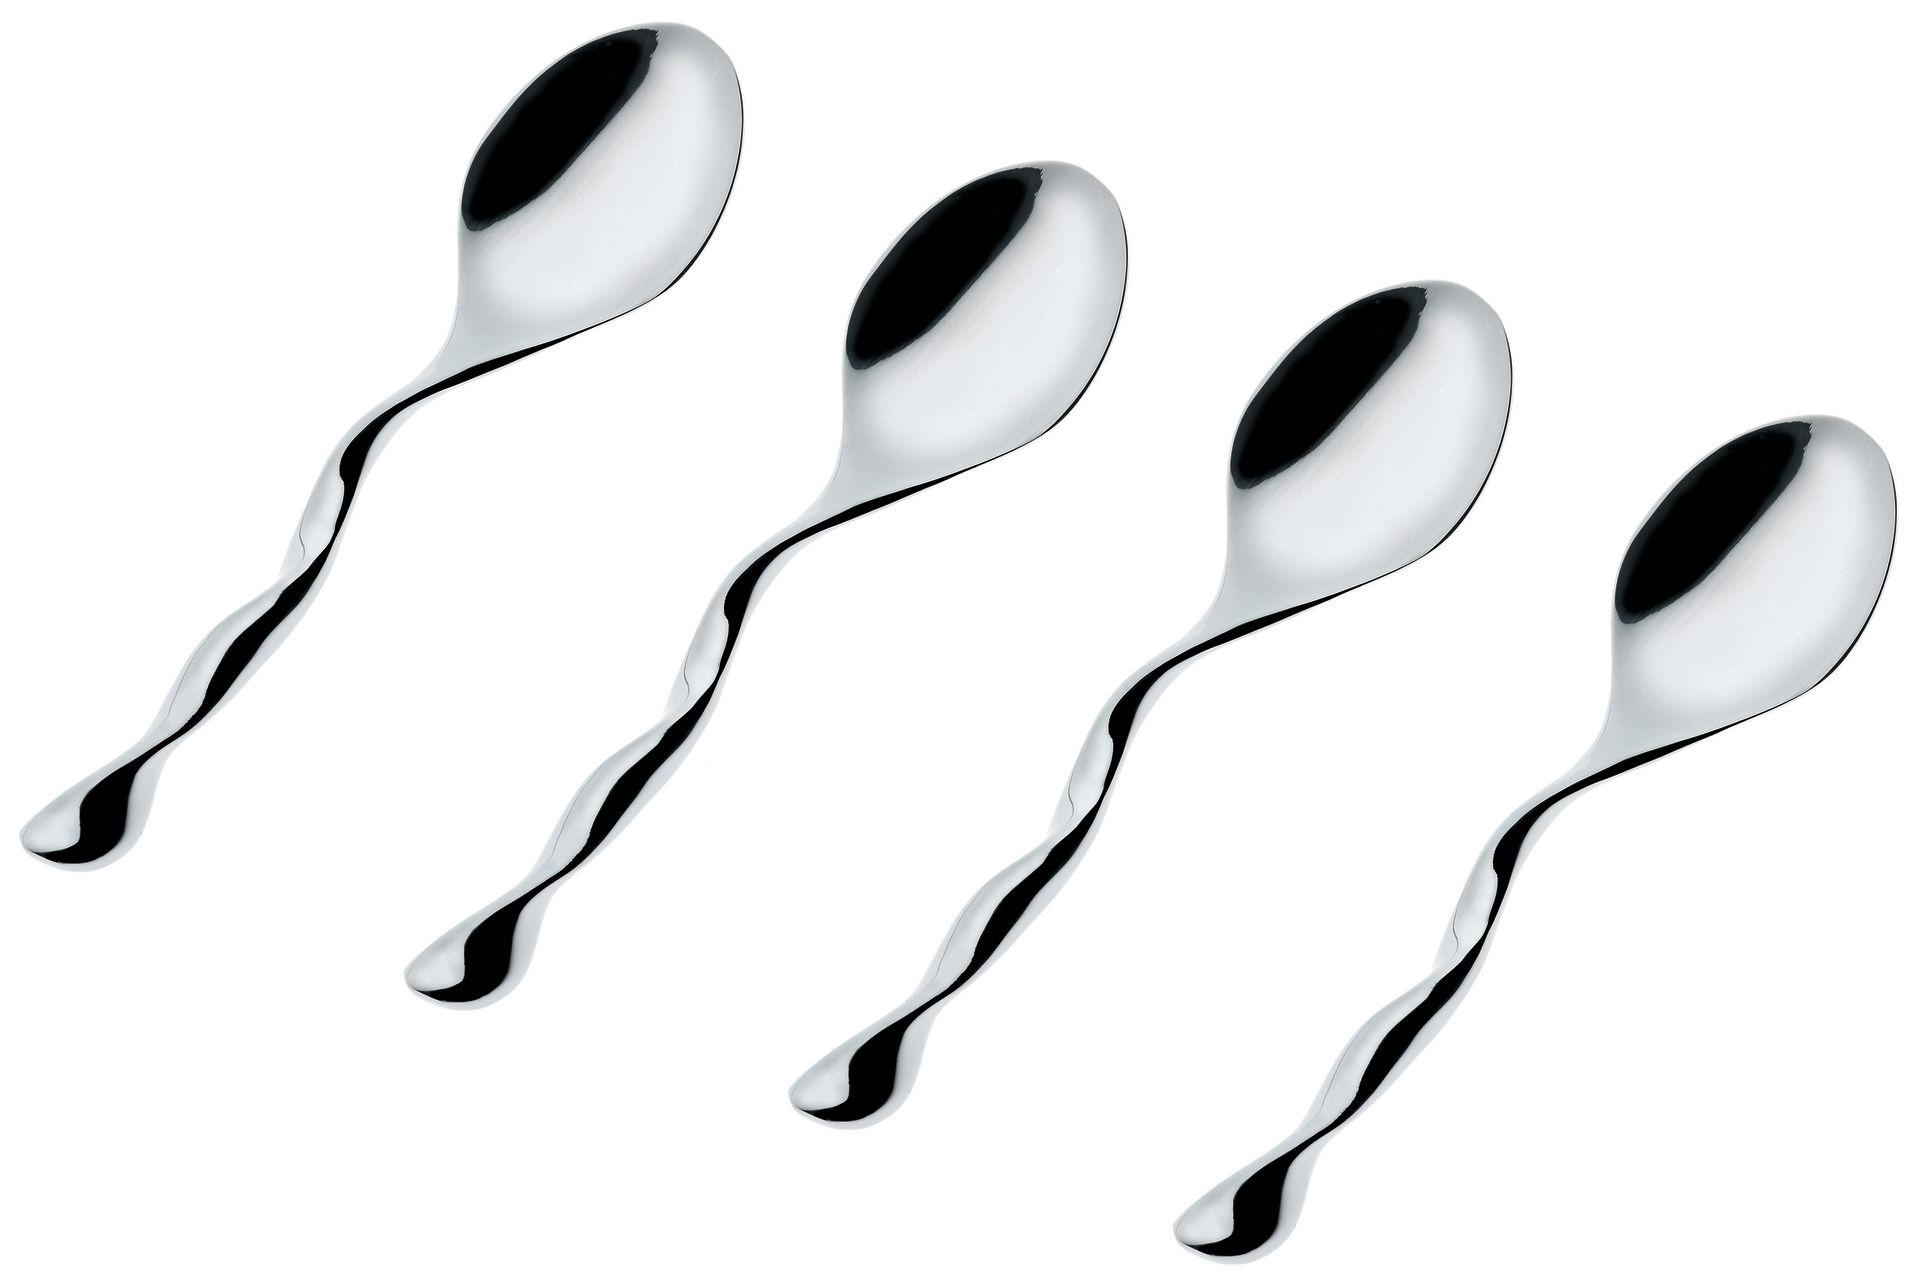 Tavola - Posate - Cucchiaio da caffé Il Caffè Alessi - Set di 4 di Alessi - Acciaio - Acciaio inossidabile